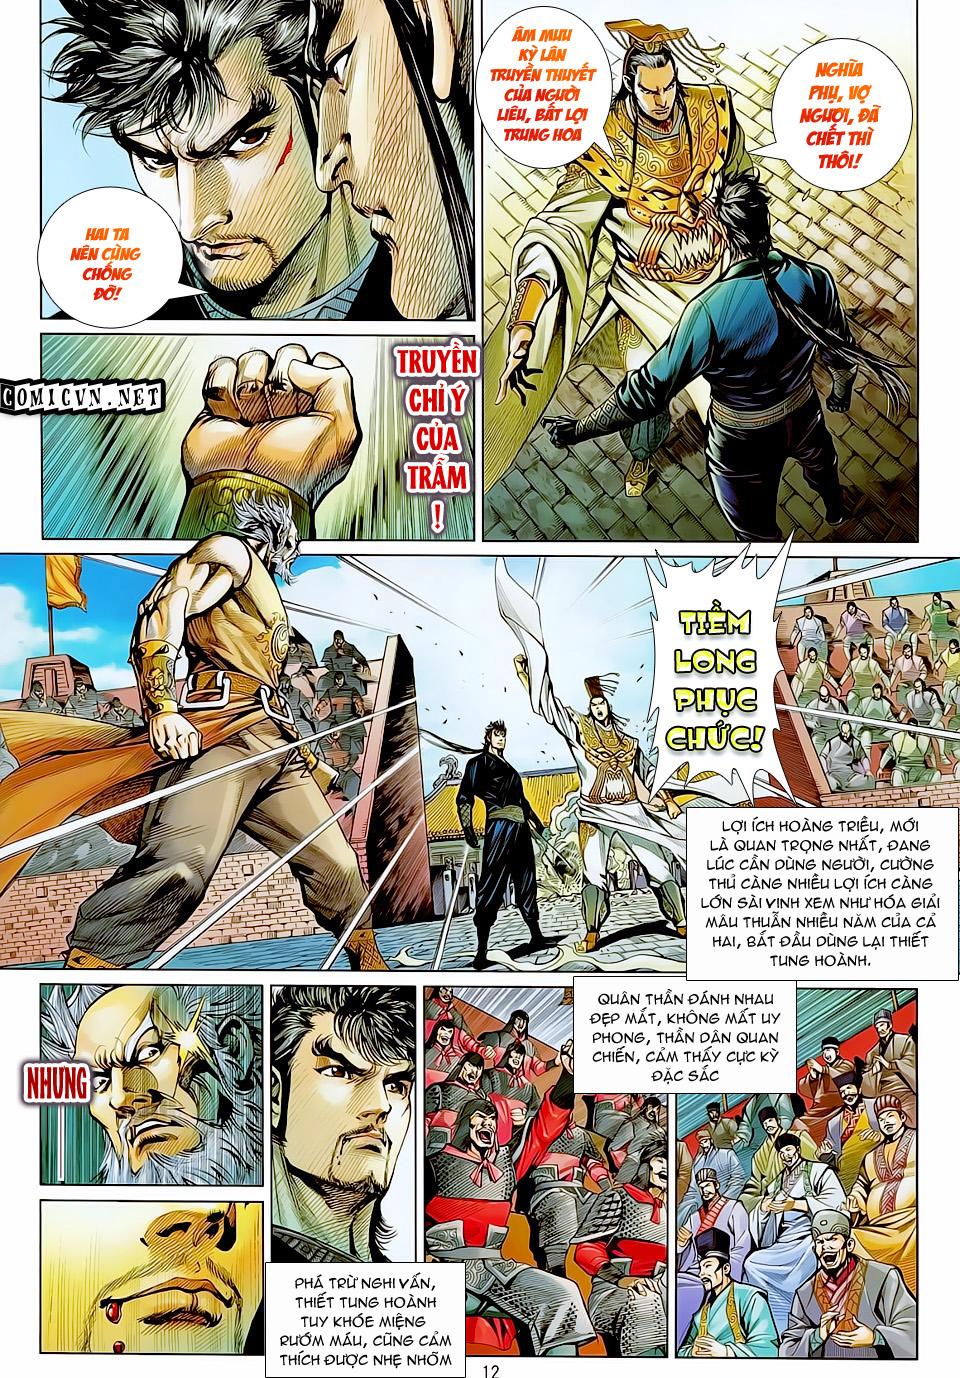 truyện tranh thiết tướng tung hoành Chapter 21/